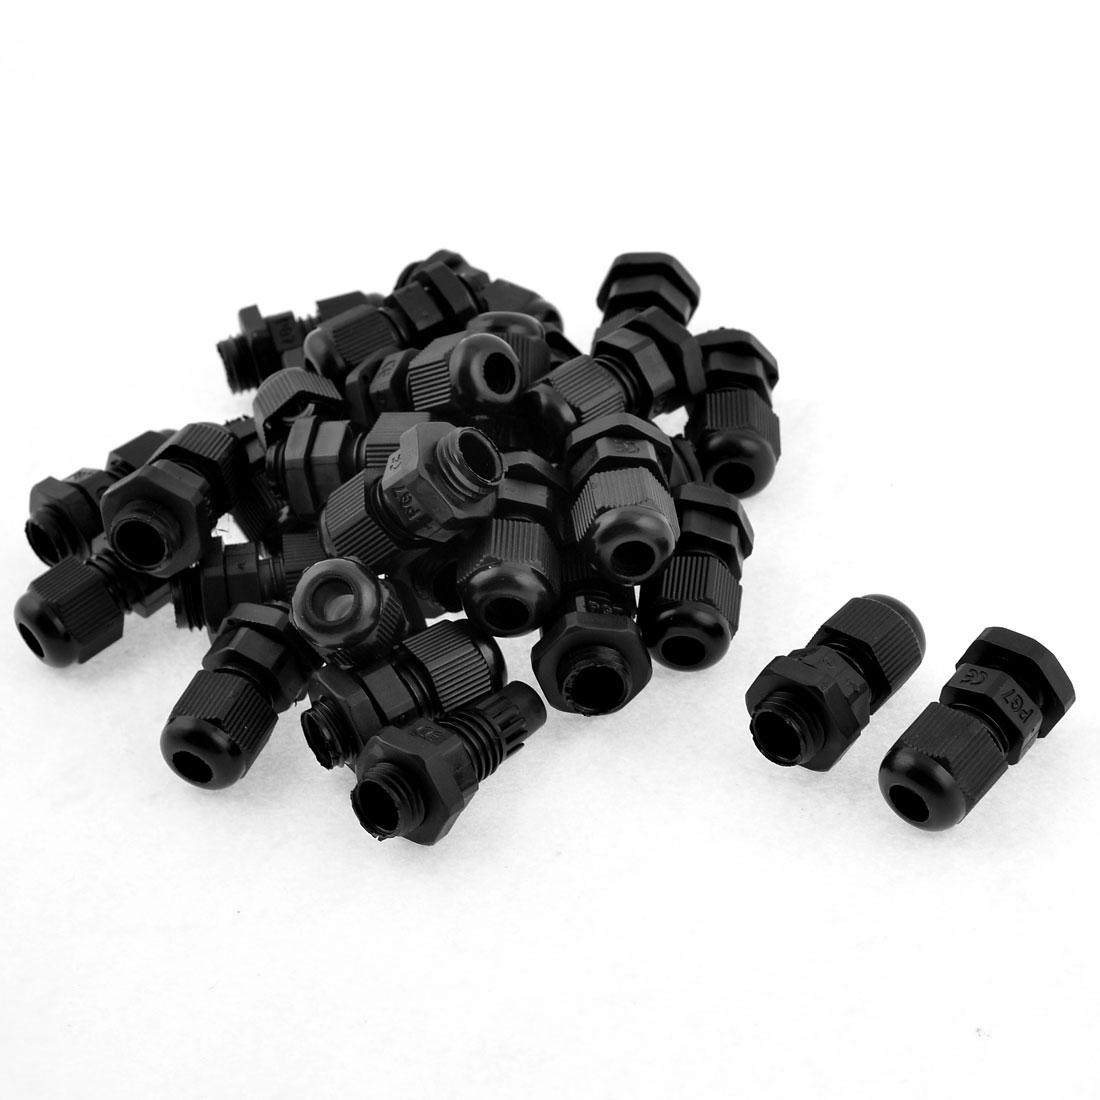 Unique Bargains 30 Pcs Plastic Waterproof Connector 4-7mm Dia Cable Gland PG7 Black